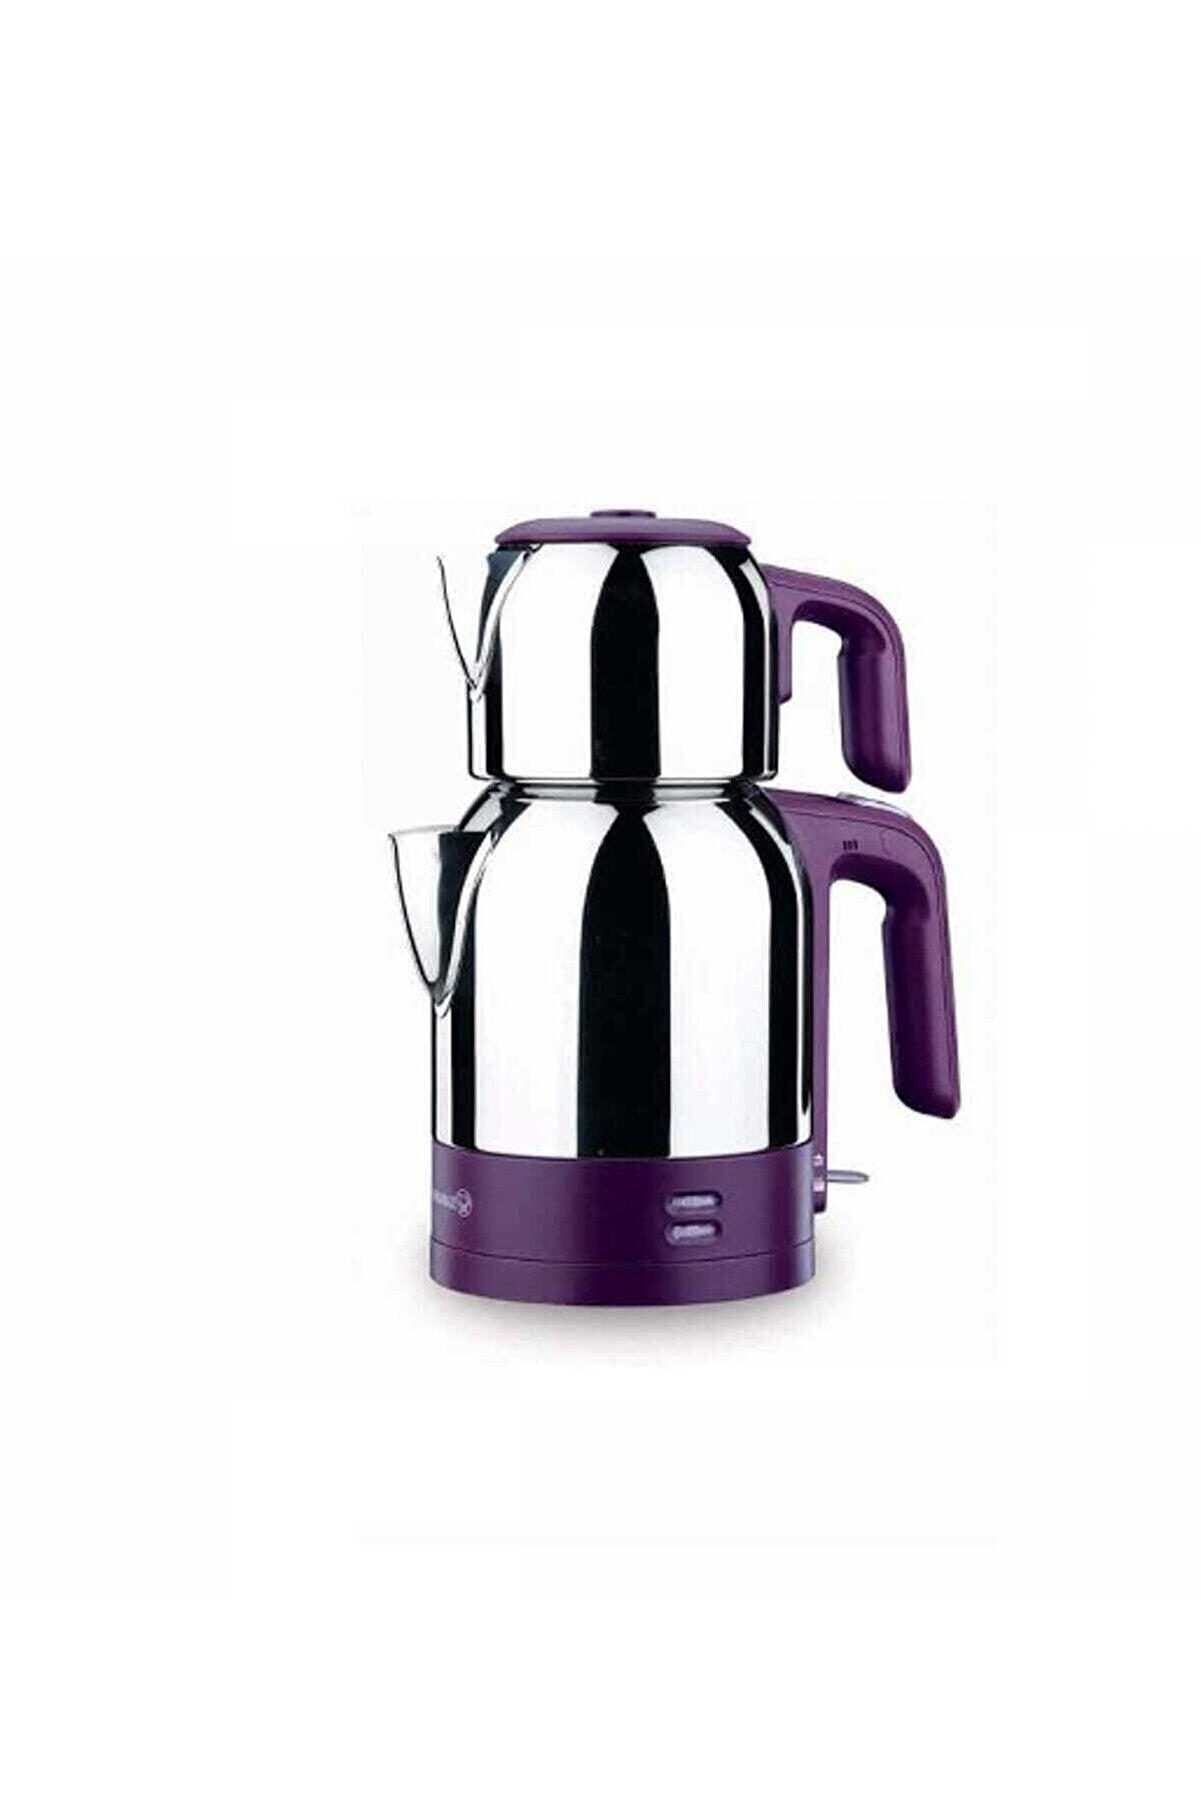 KORKMAZ A359-01 Demkolik Inox/violet Elektrikli Çaydanlık